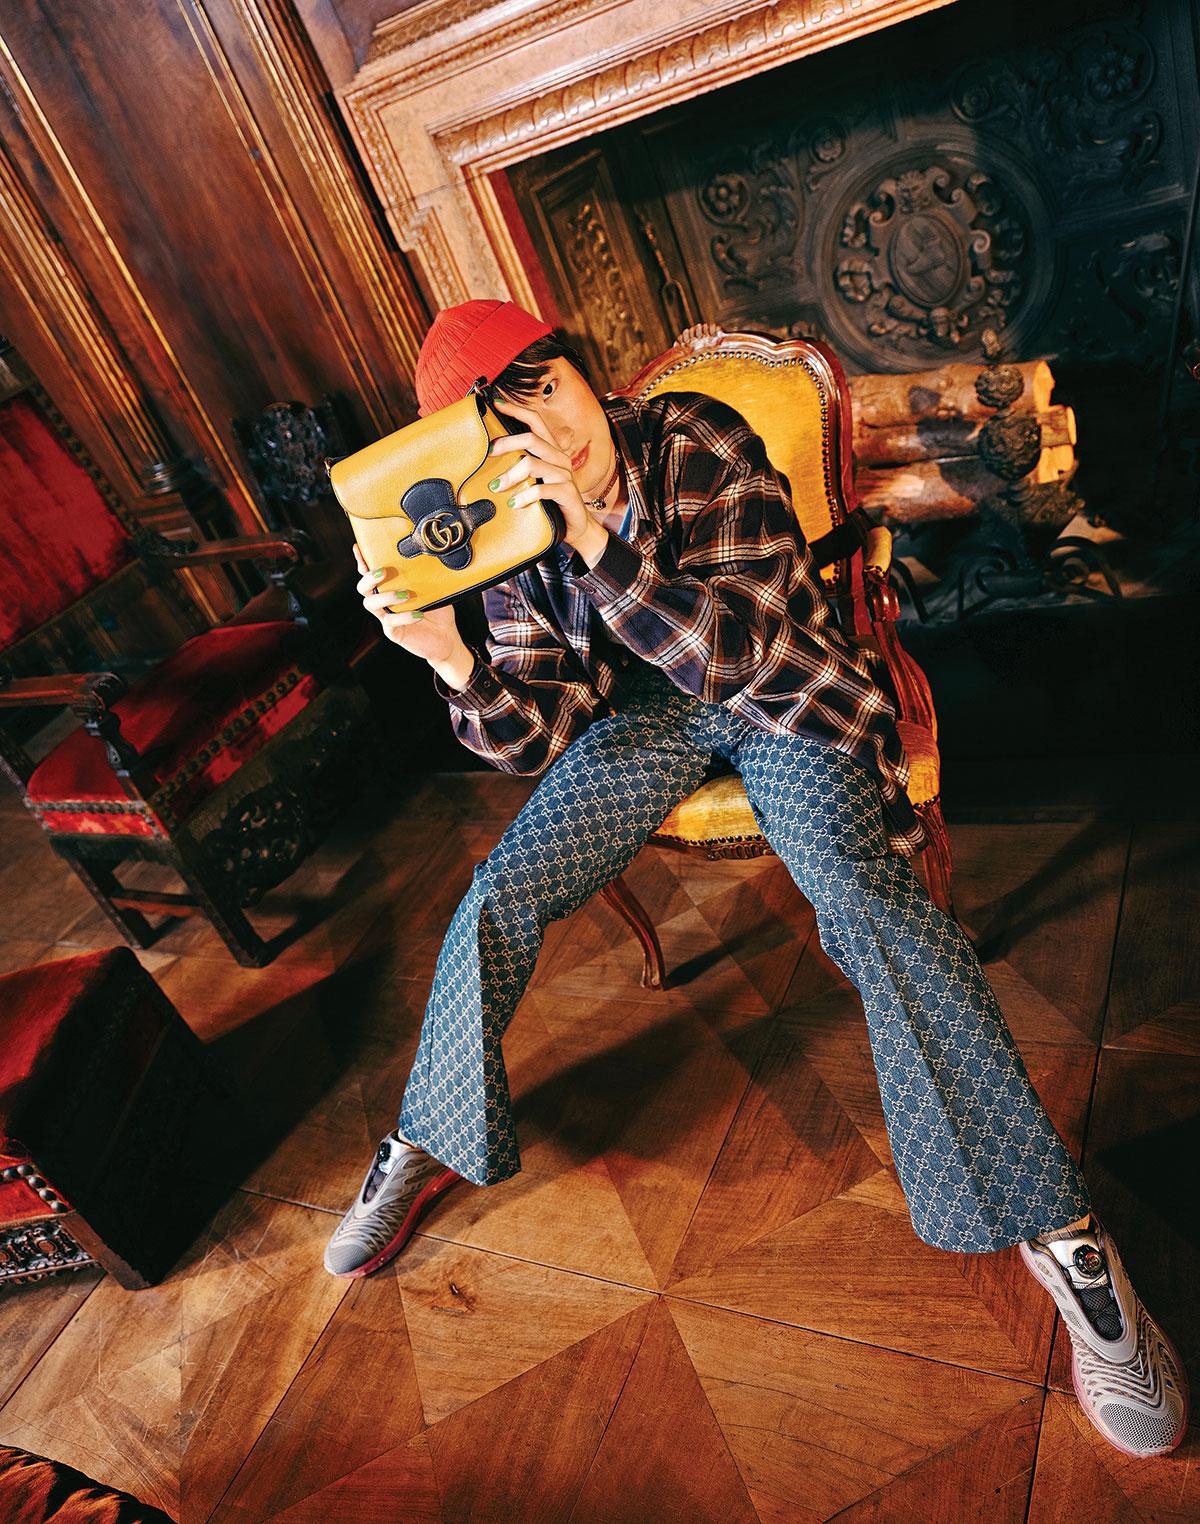 Những túi xách và phụ kiện nổi bật nhất bộ sưu tập Gucci Epilogue 3